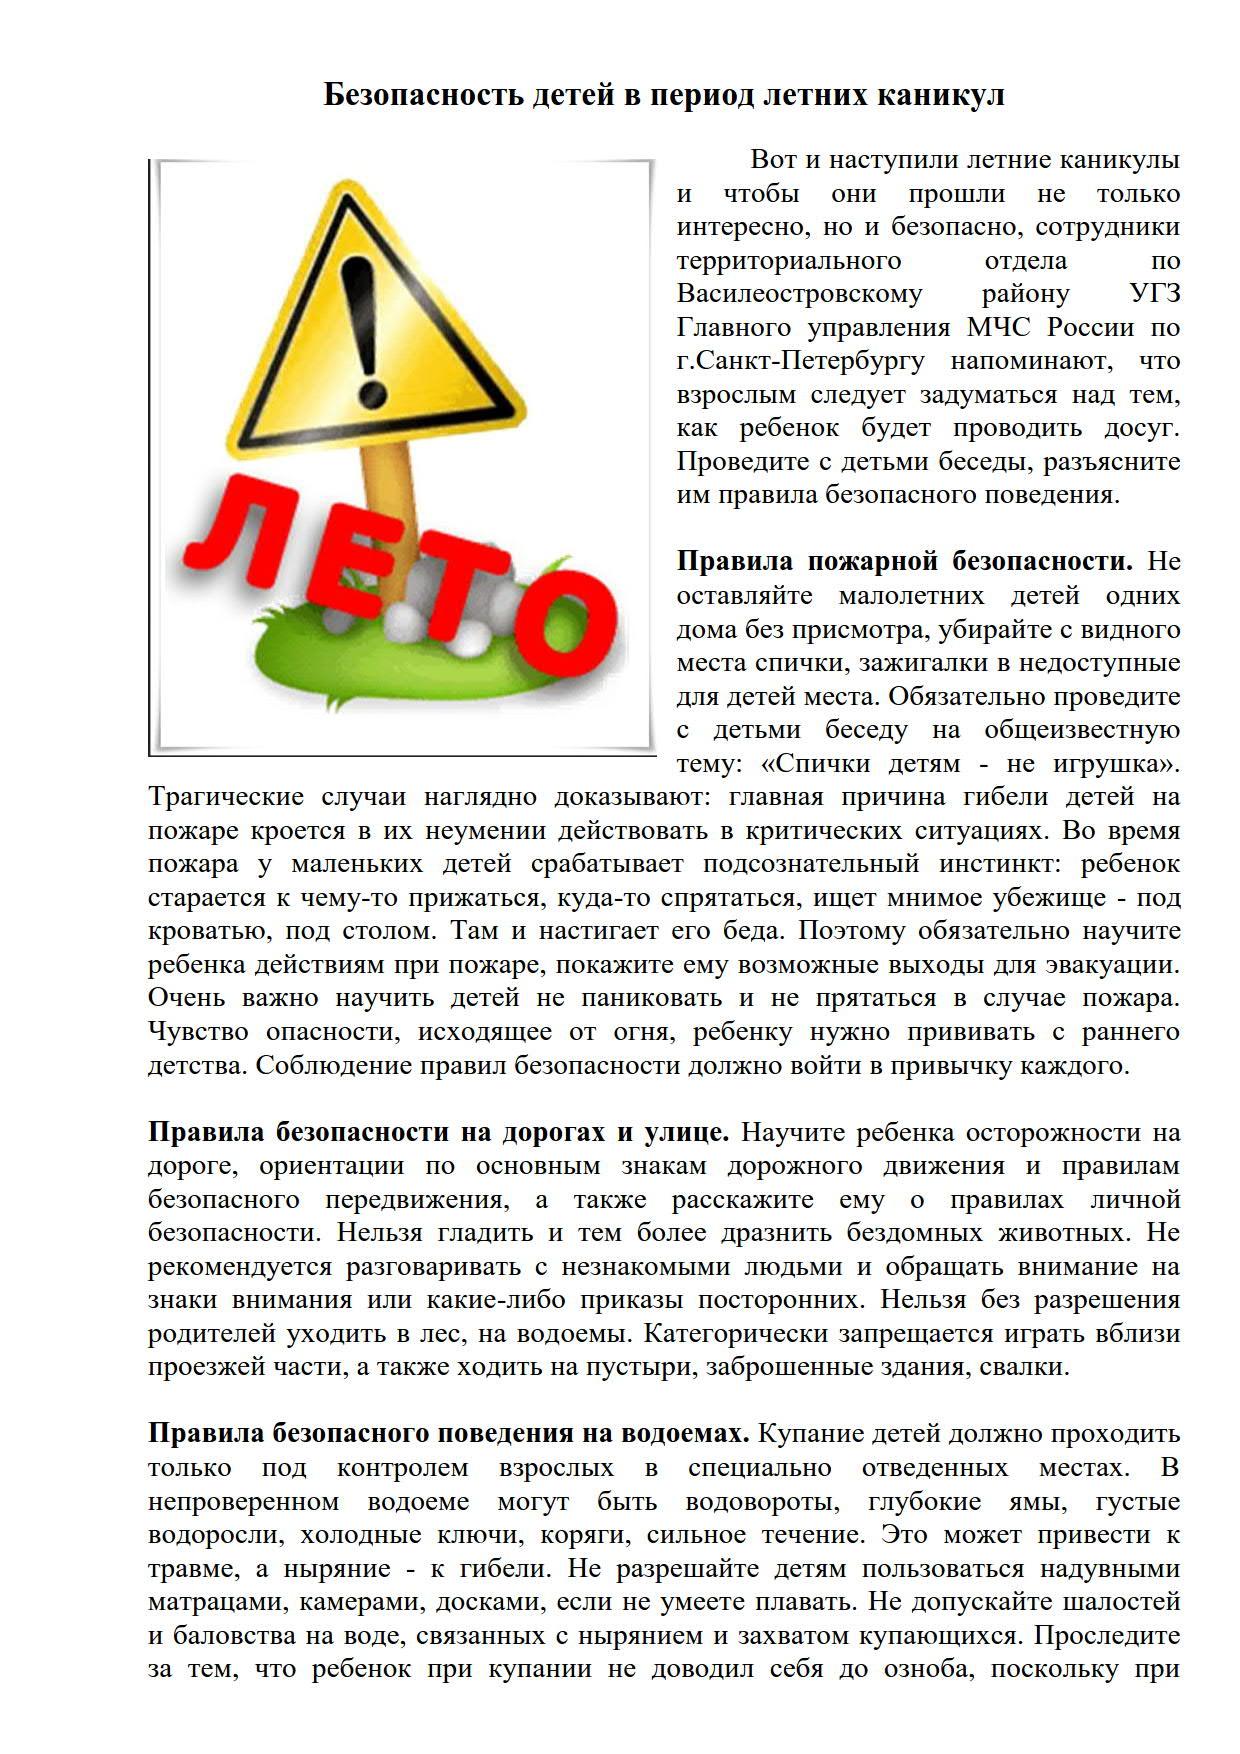 Безопасность детей в период летних каникул_1